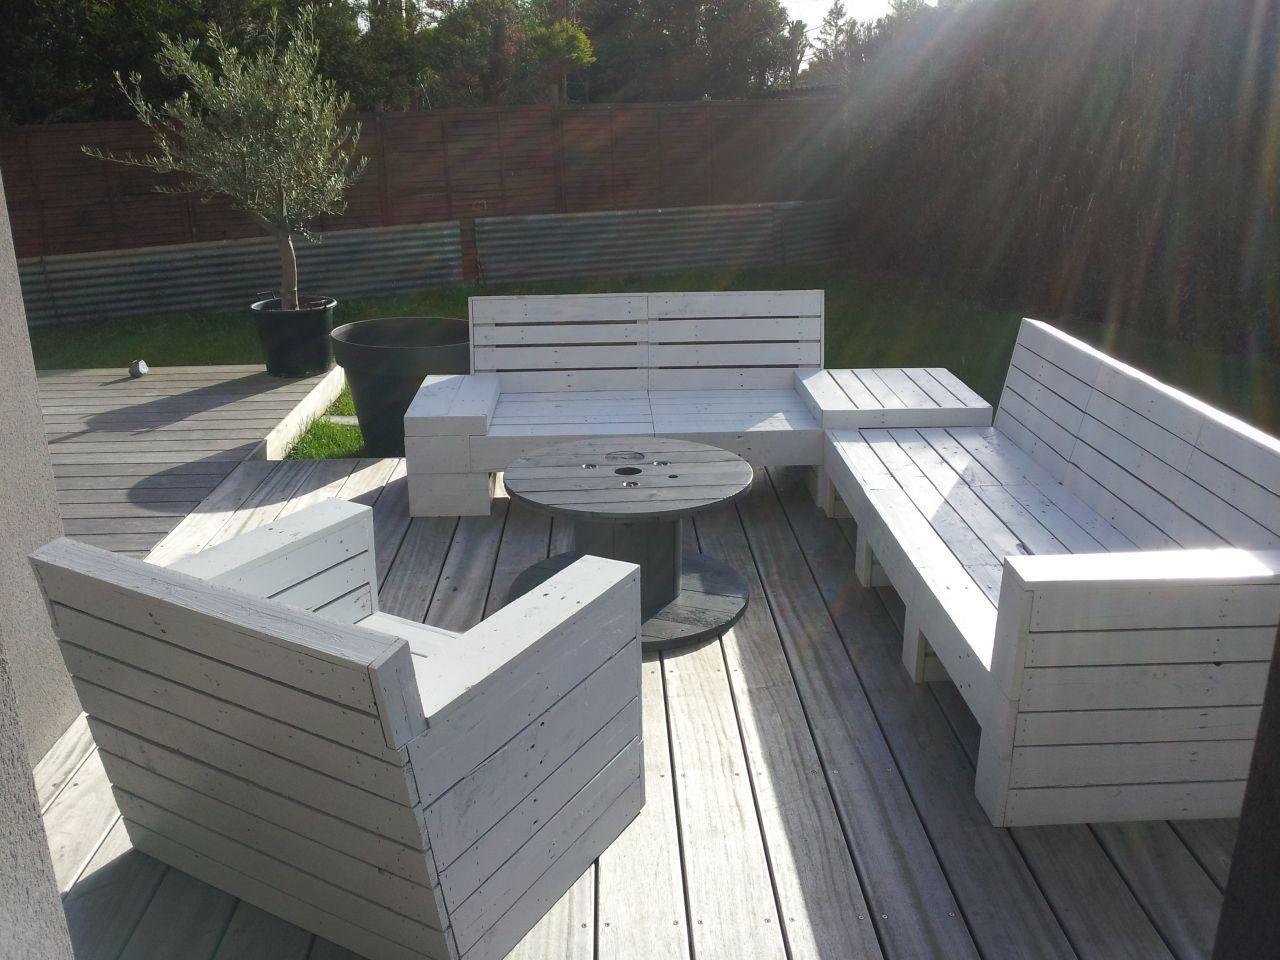 Plan Salon De Jardin En Palette De Bois – Qaland.com